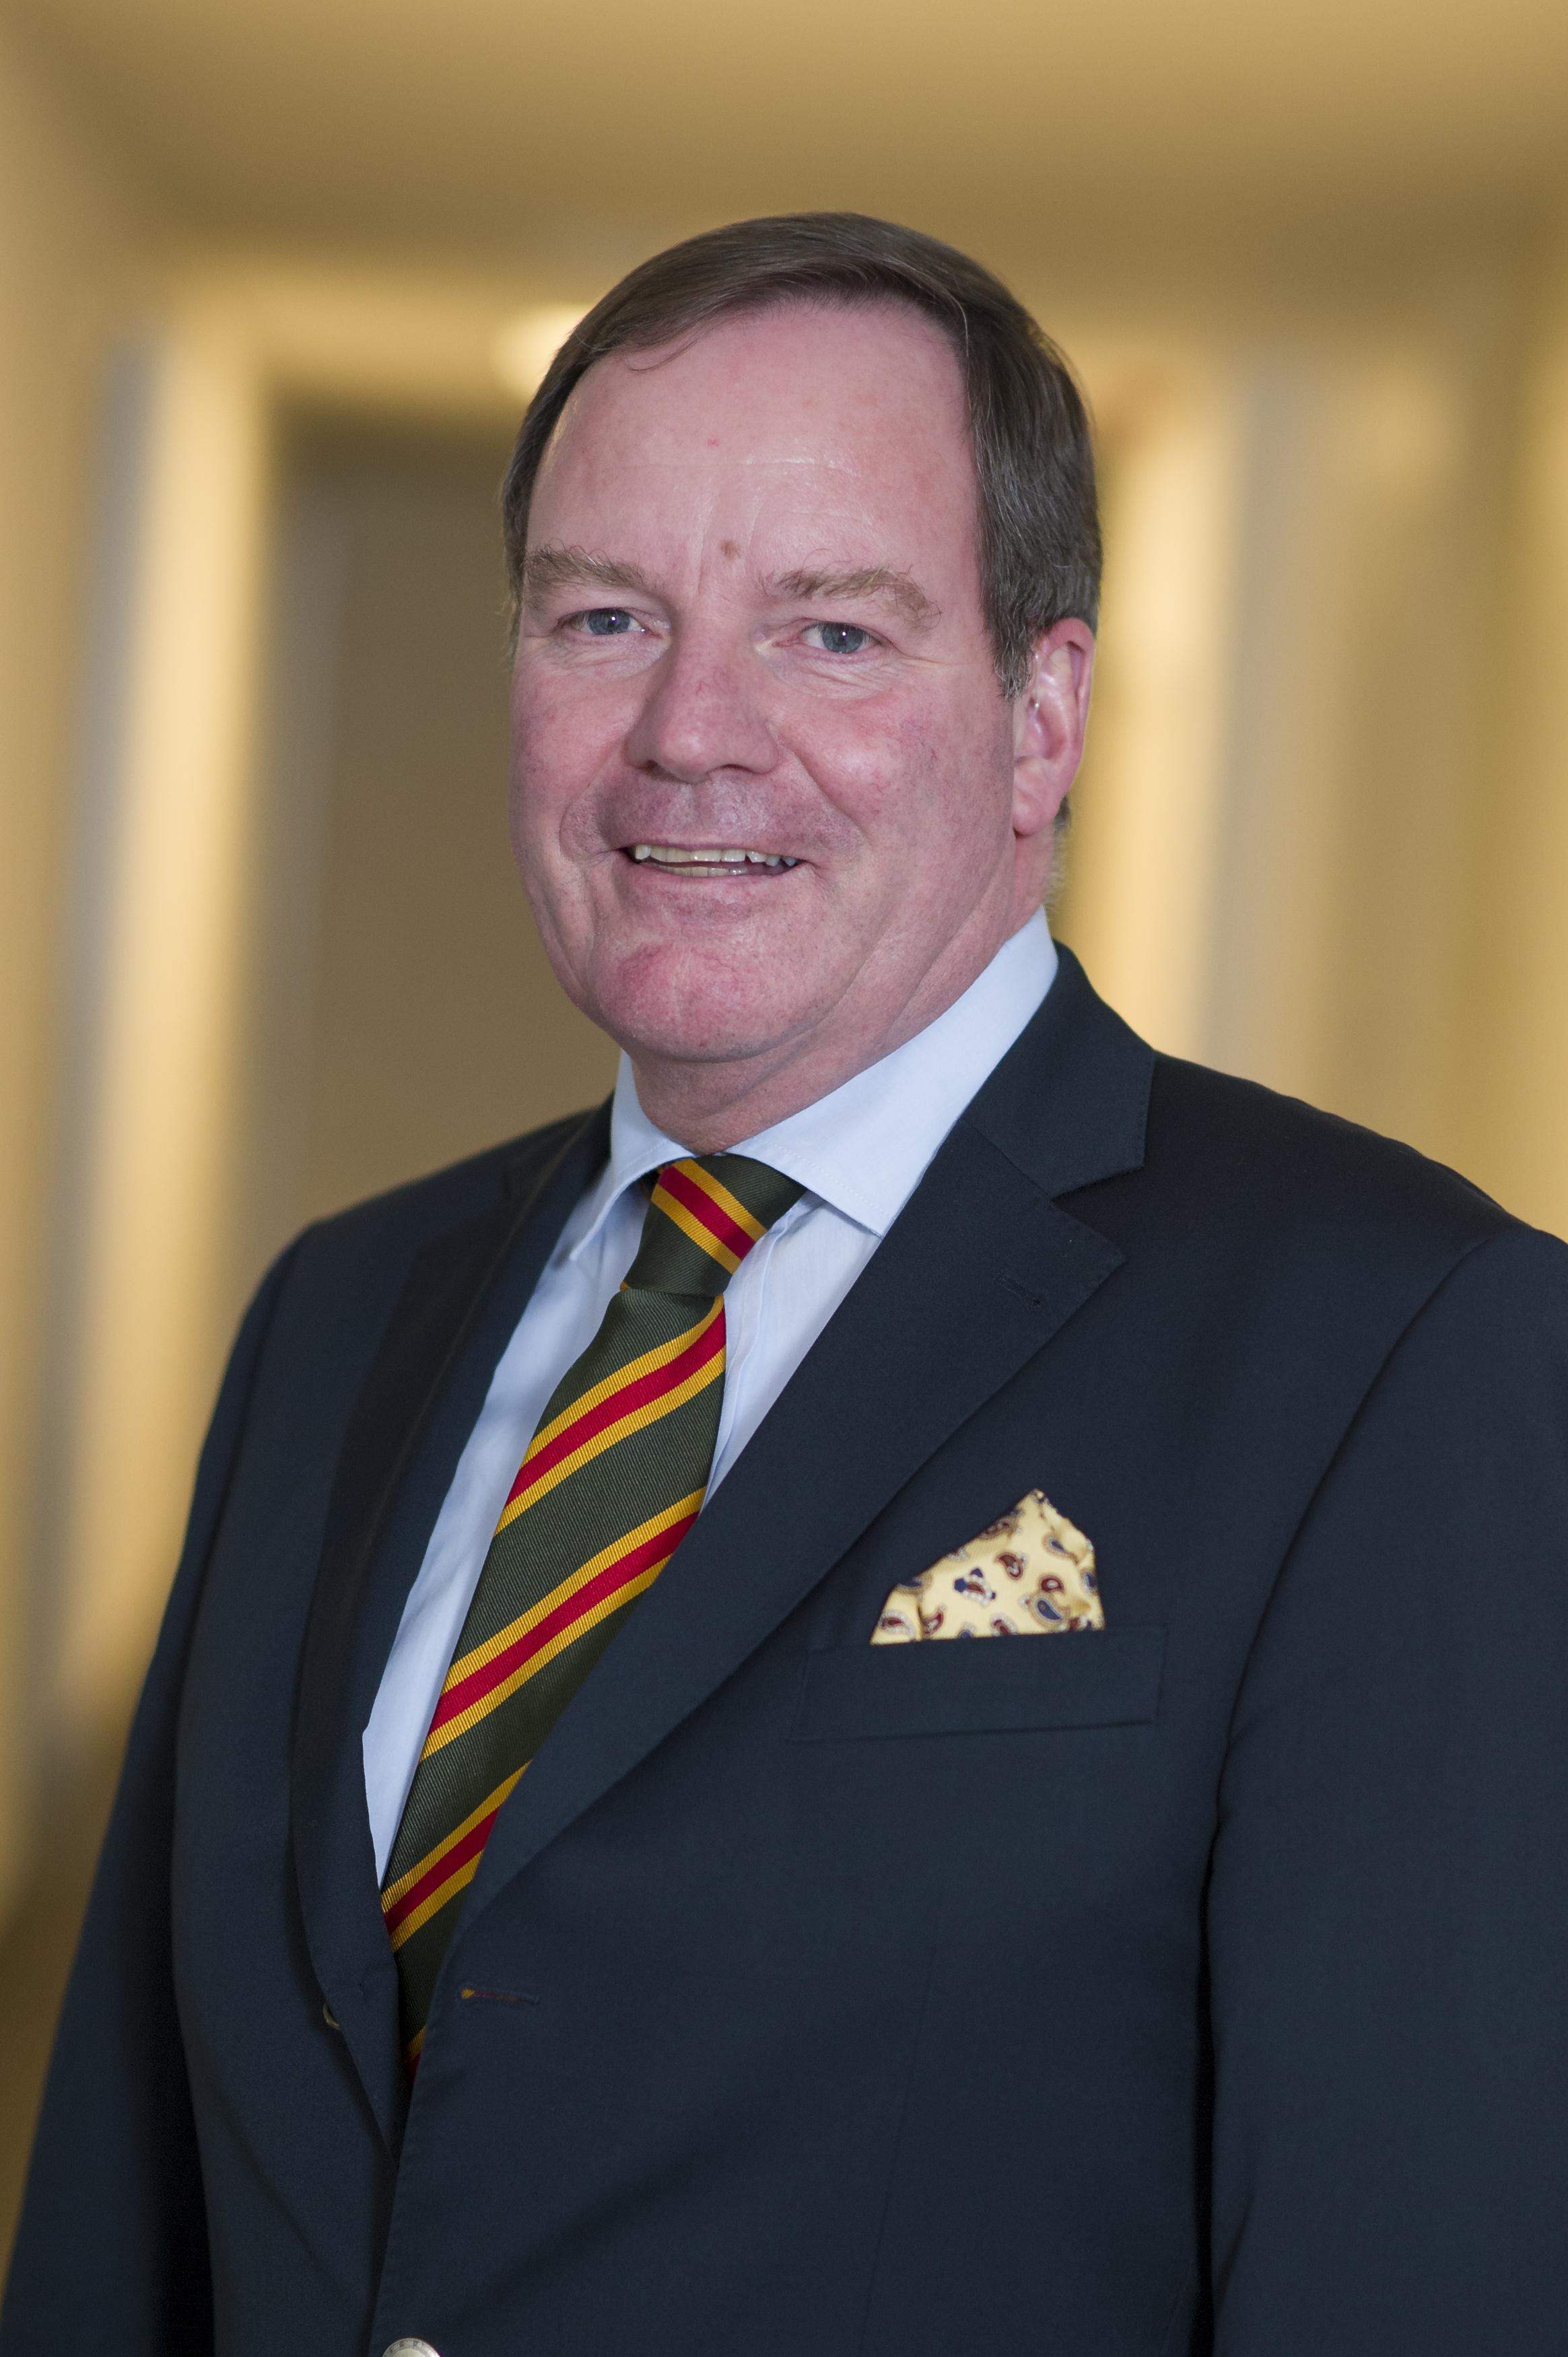 Joachim F. Weinlig-Hagenbeck, Präsident des Landesjagd- und Naturschutzverbandes Freie und Hansestadt Hamburg